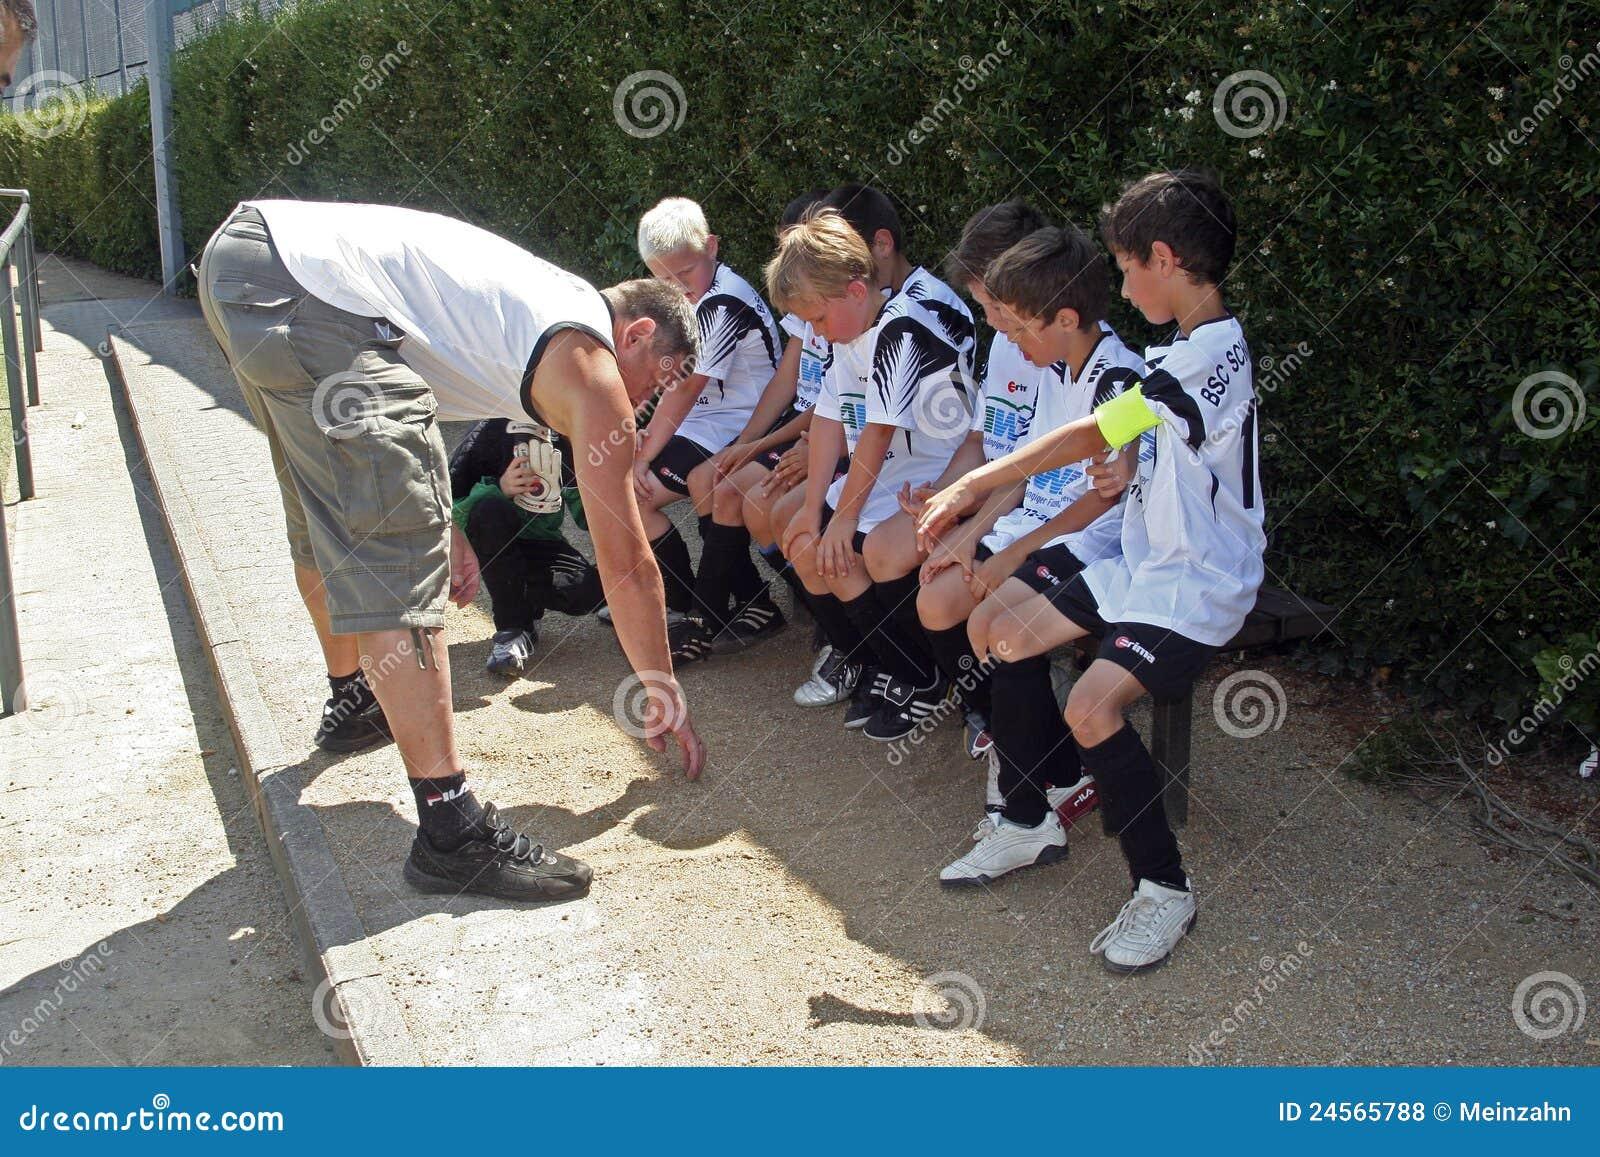 Trainer teaching children soccer